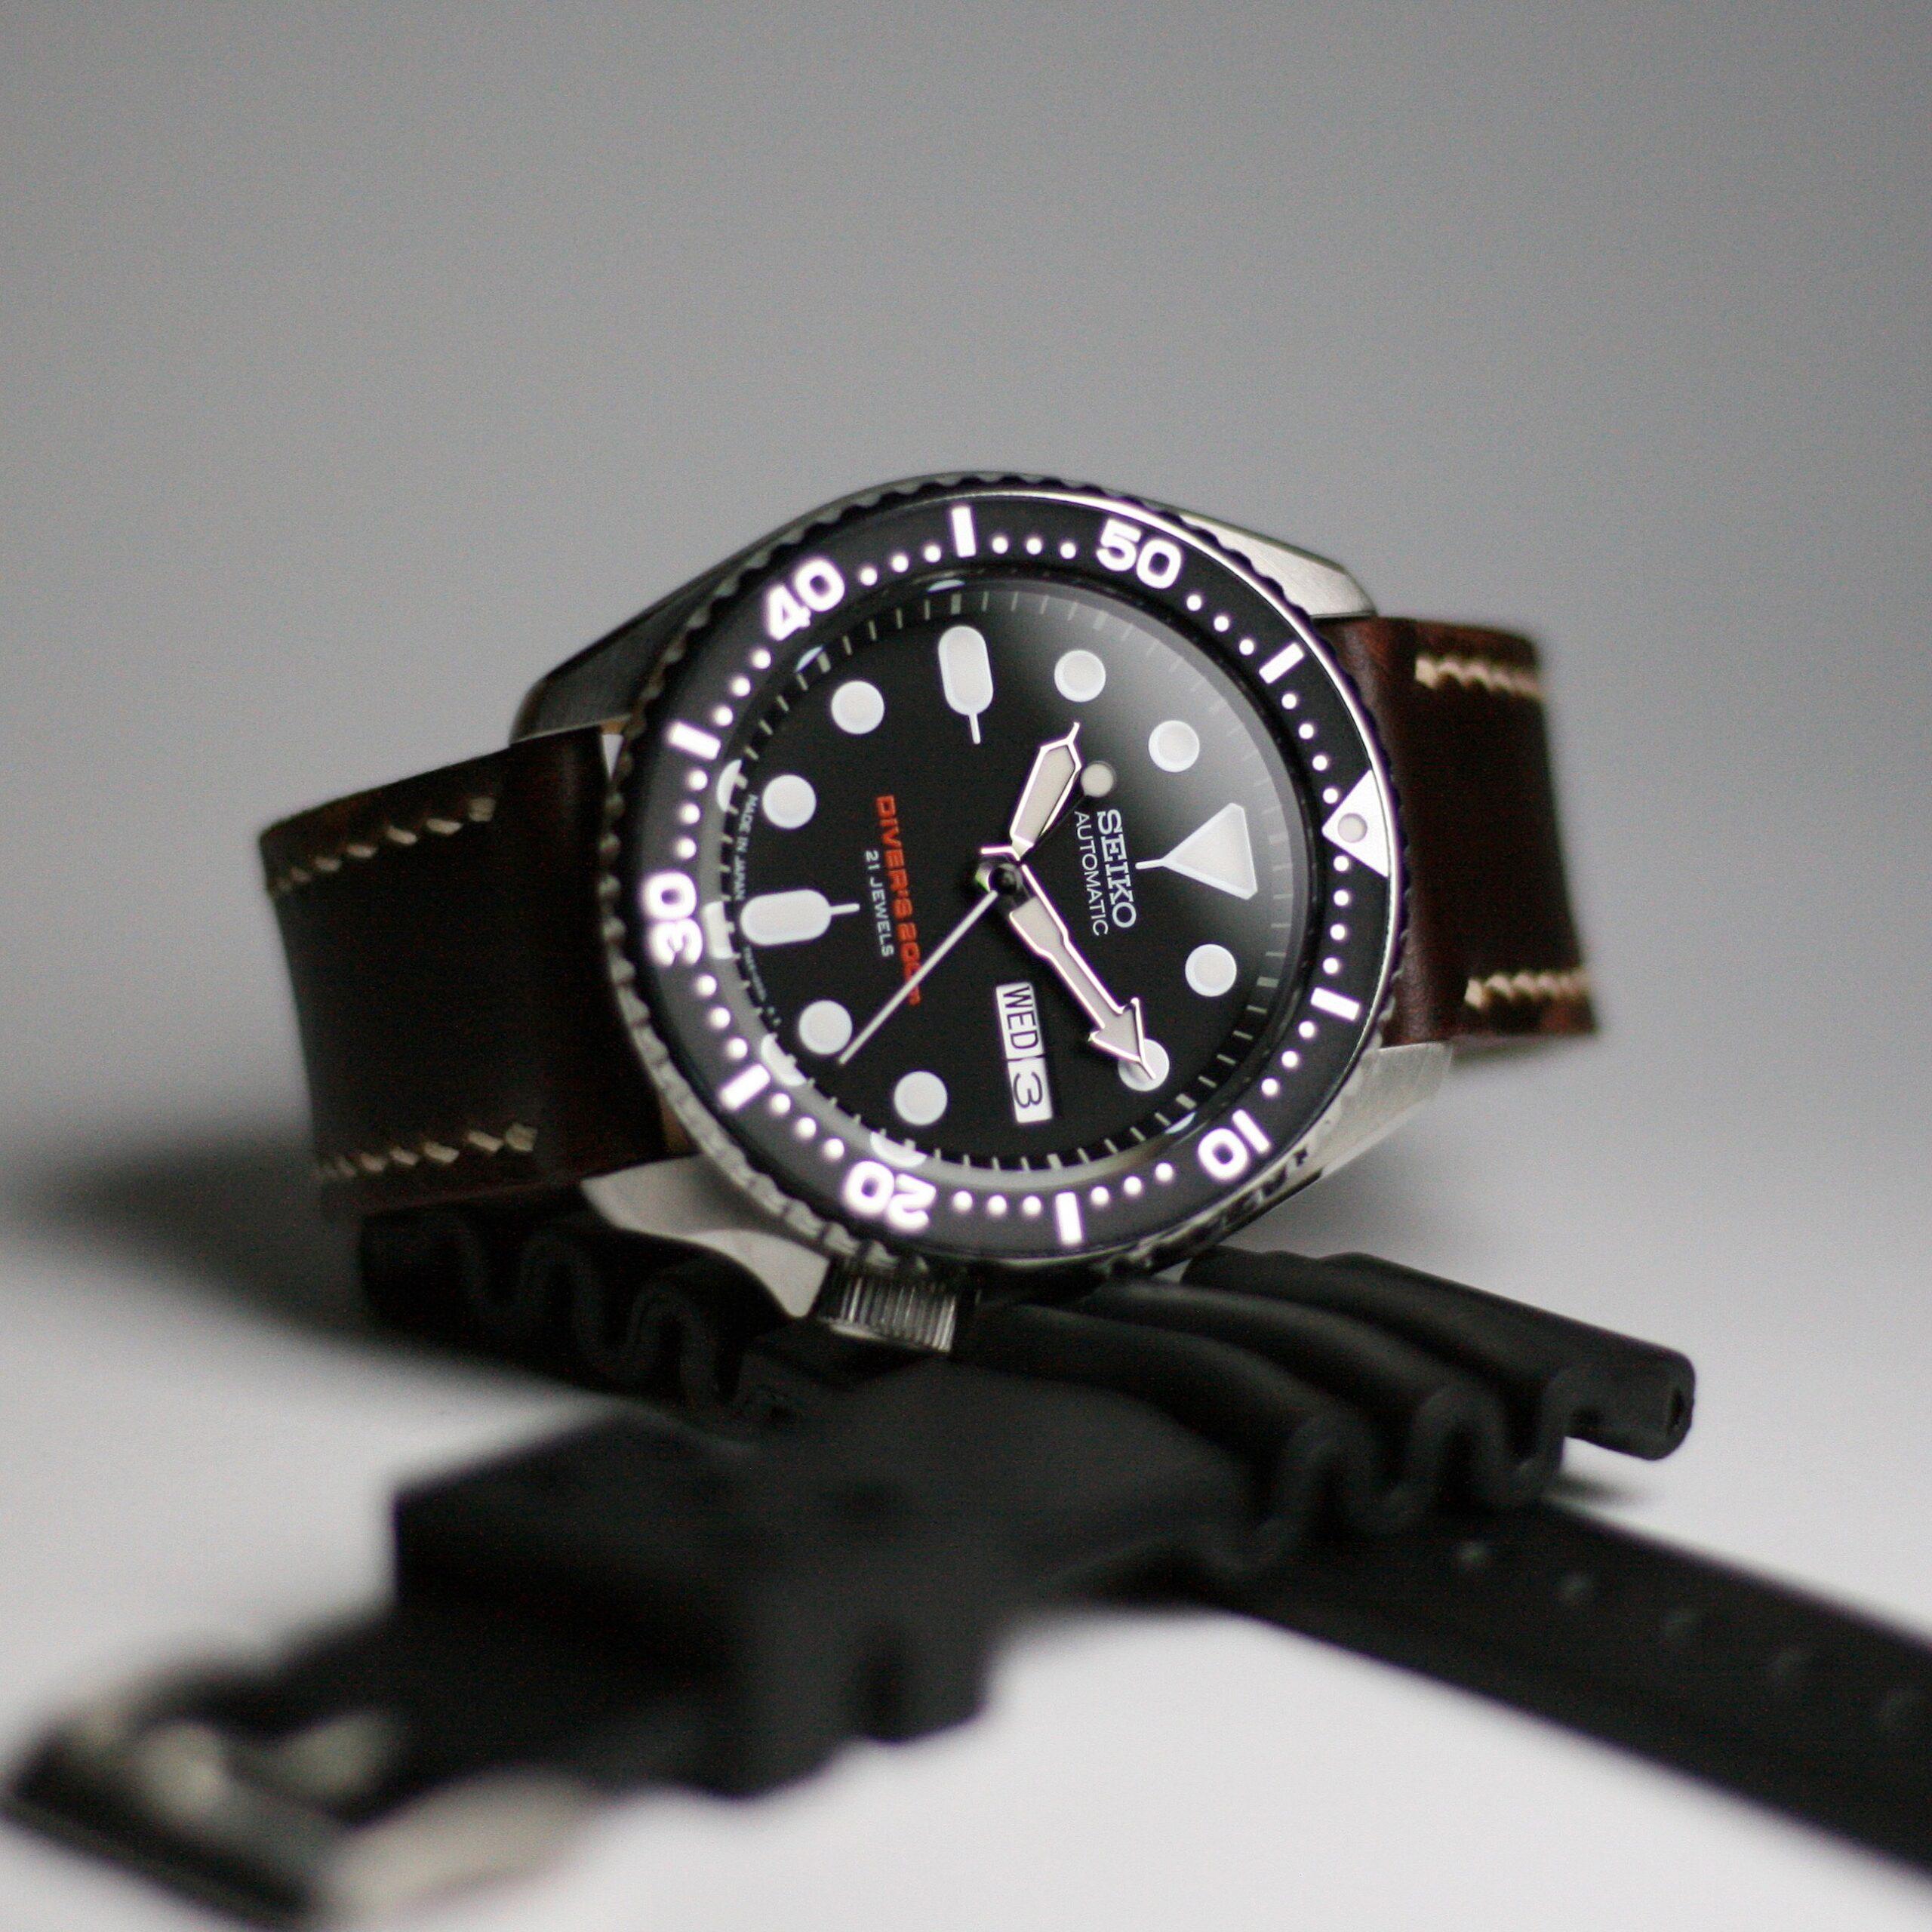 Seiko Automatic Diver's